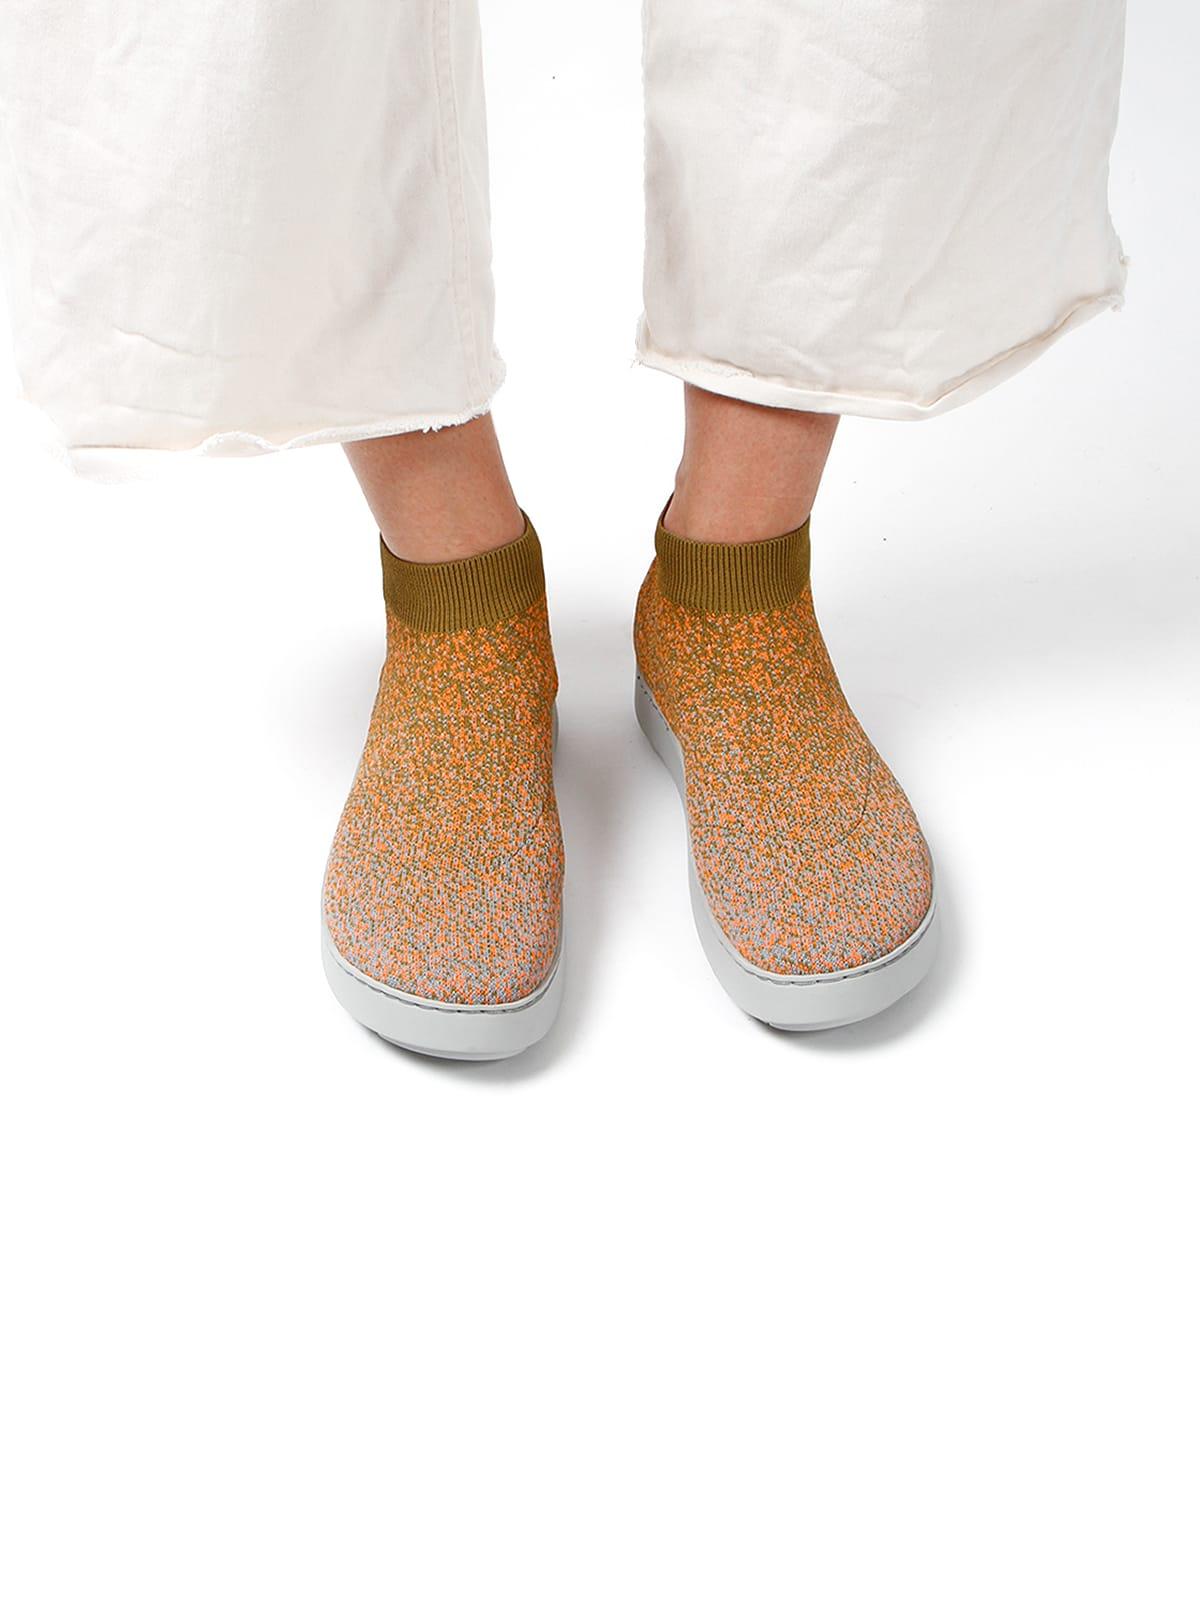 3D knitted sockboot Spexx papaya vorne K